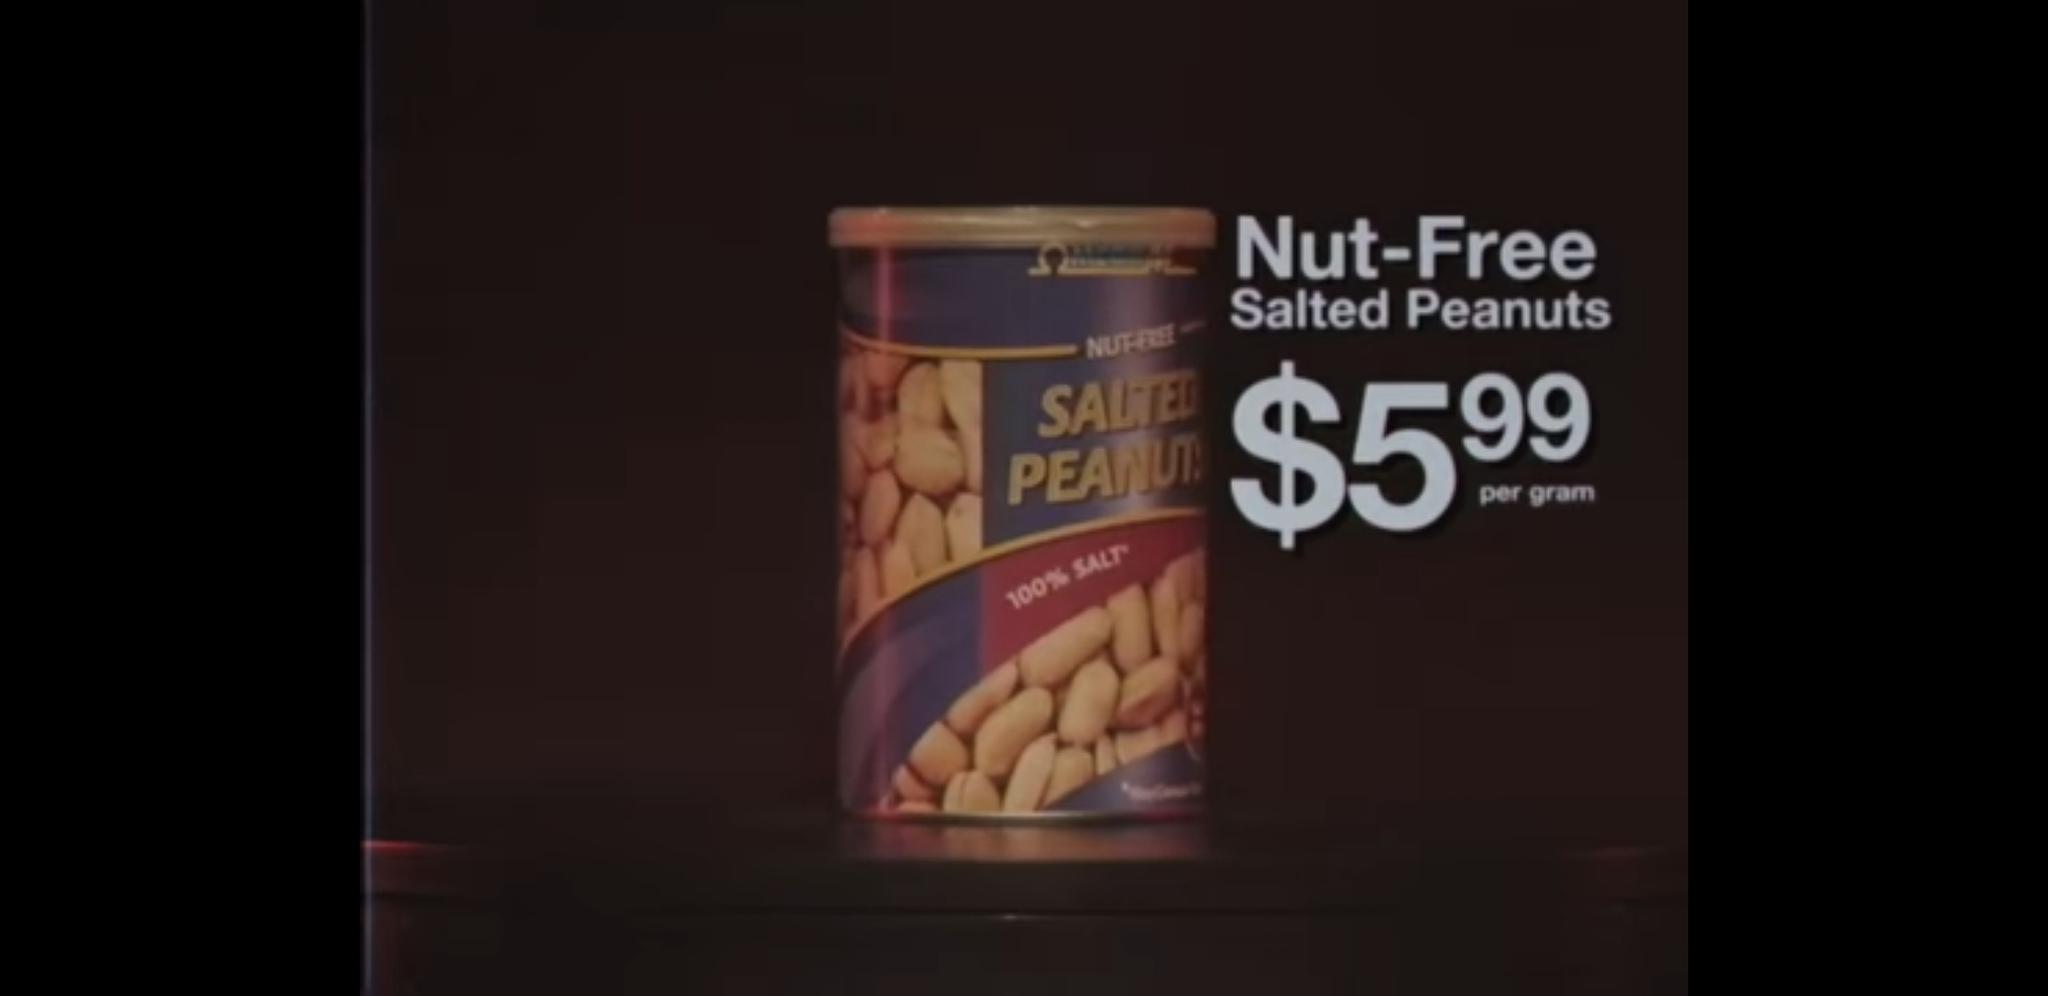 Nut free salted peanuts - meme